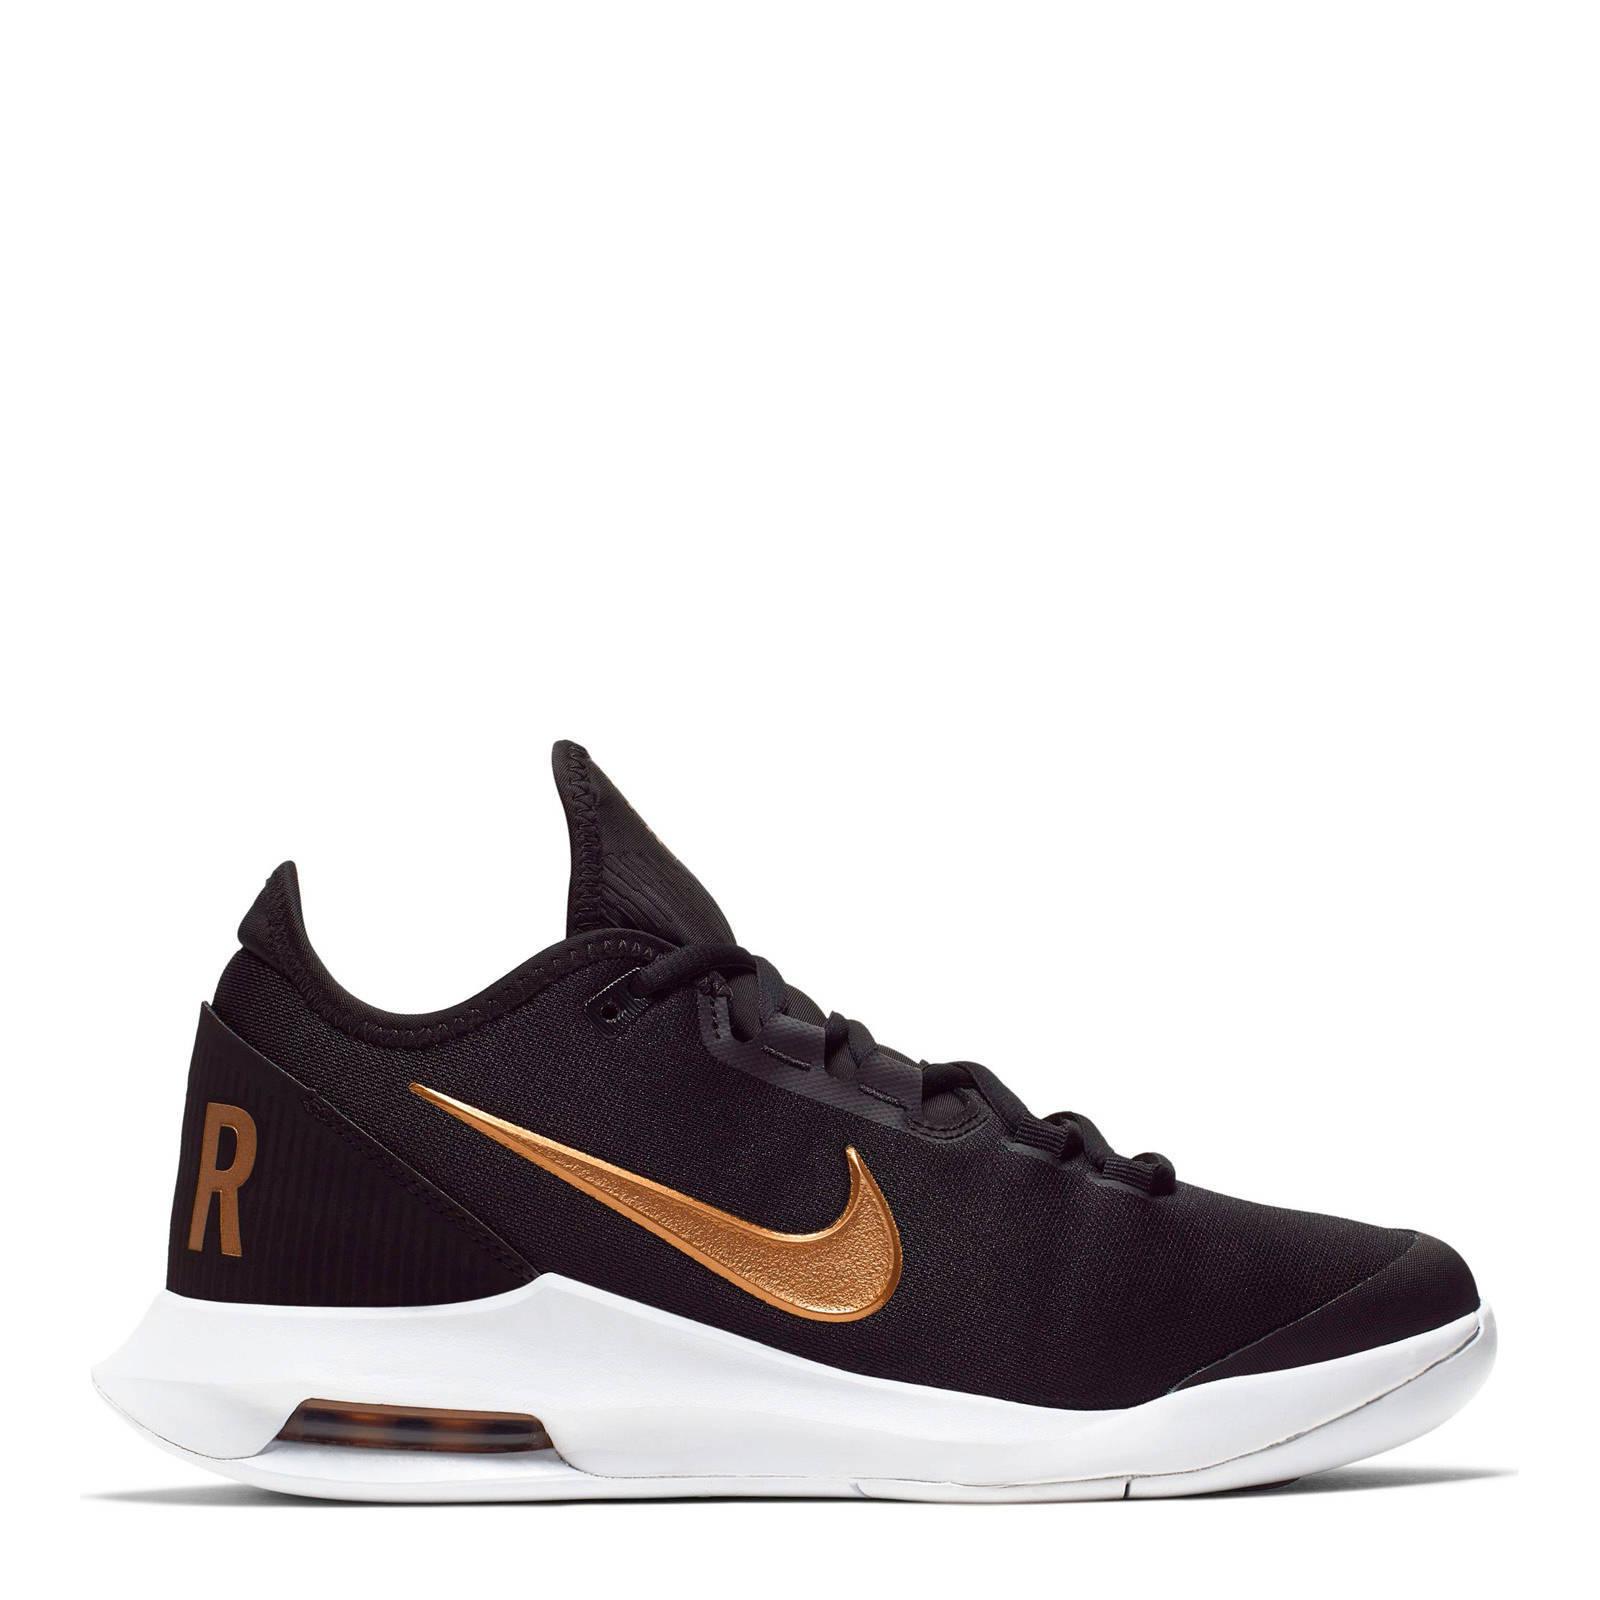 Nike Air Max Wildcard Hc tennisschoenen zwart/metallic goud ...